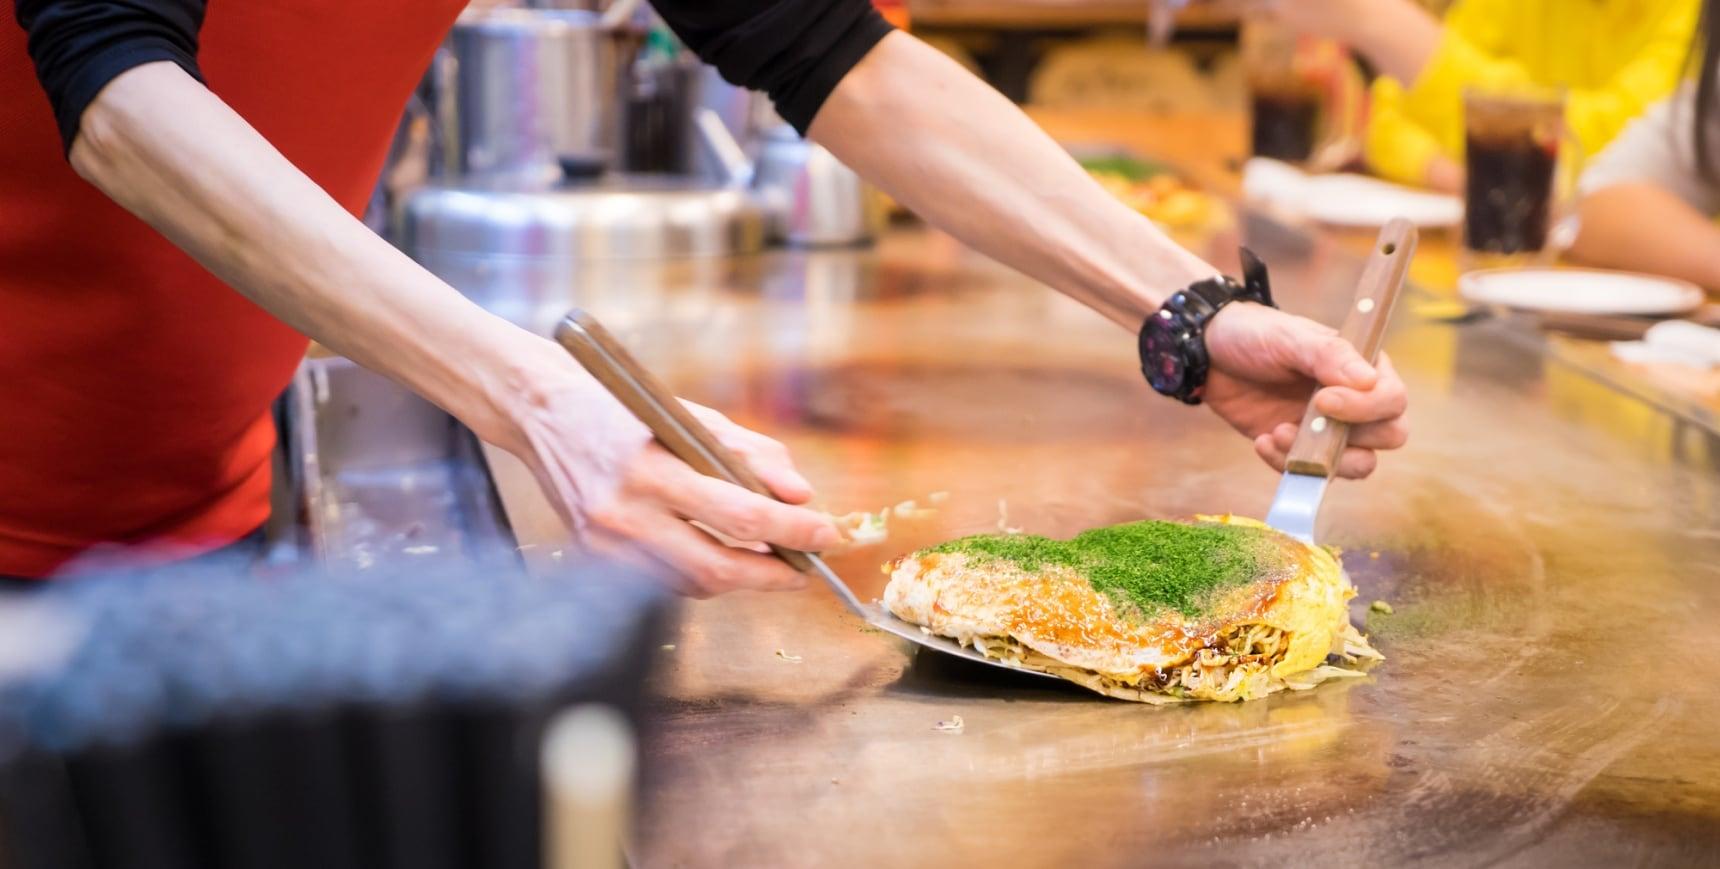 【美食自己做】到廣島車站北口的OKOSTA體驗超美味的正統廣島燒